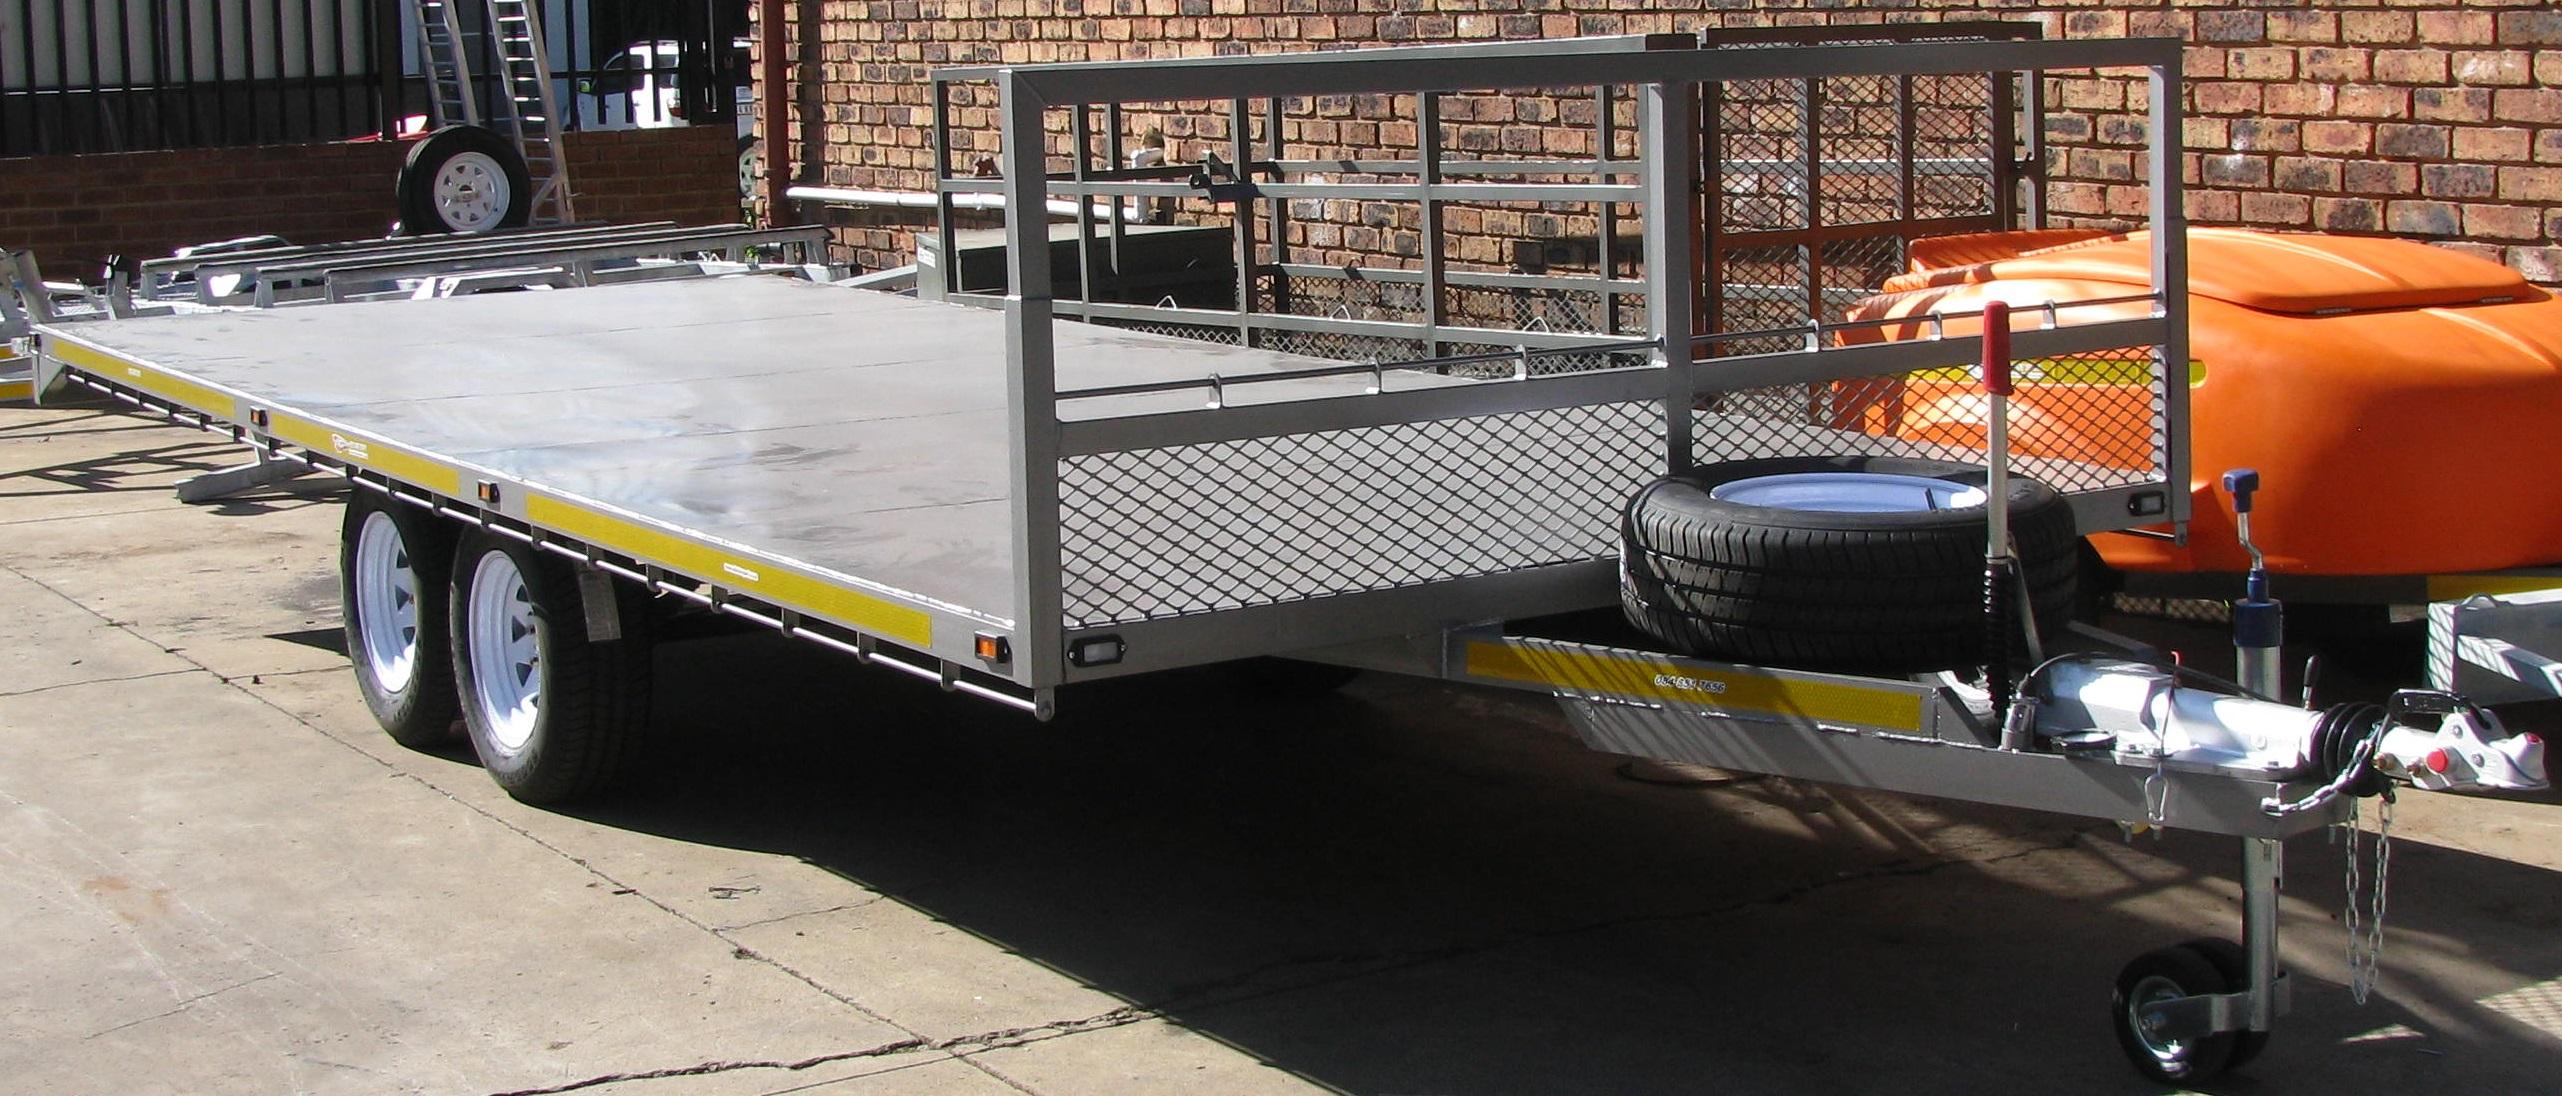 X factor sport 6m x 3 5 ton flat deck trailer for 6 metre lengths of decking